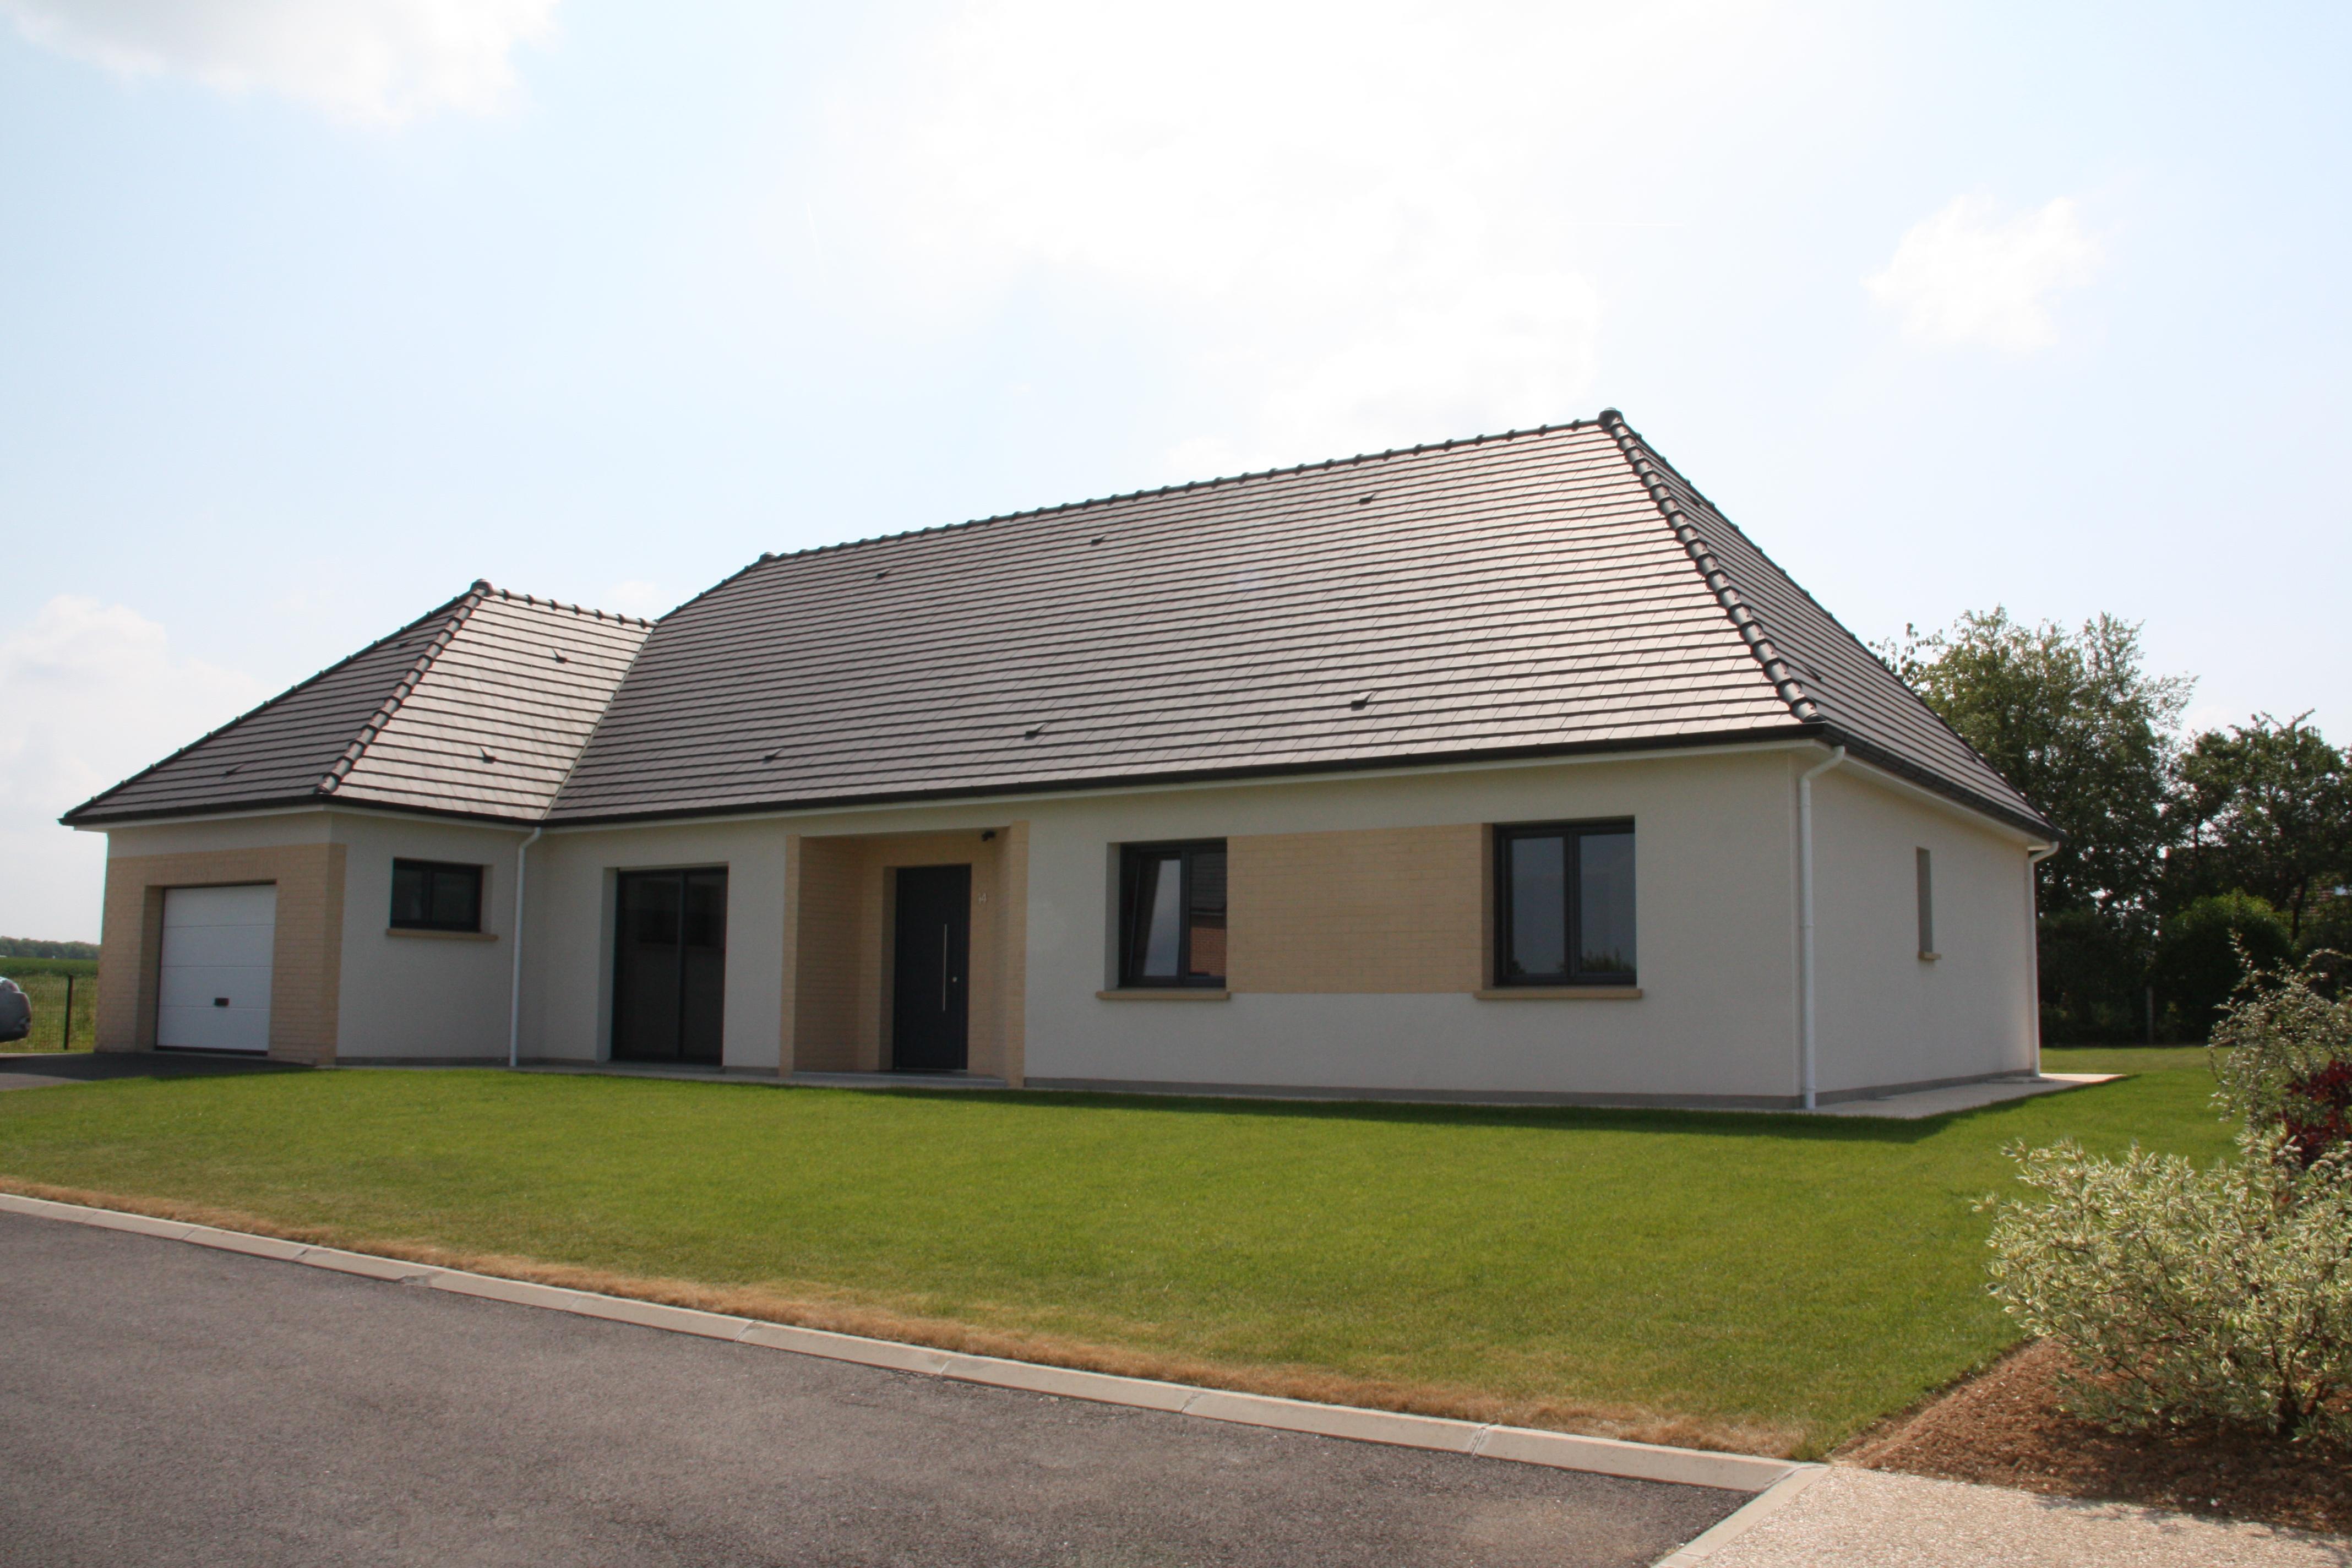 Photo d'un pavillon contemporain construit par Frambourt Maçonnerie dans la Somme.